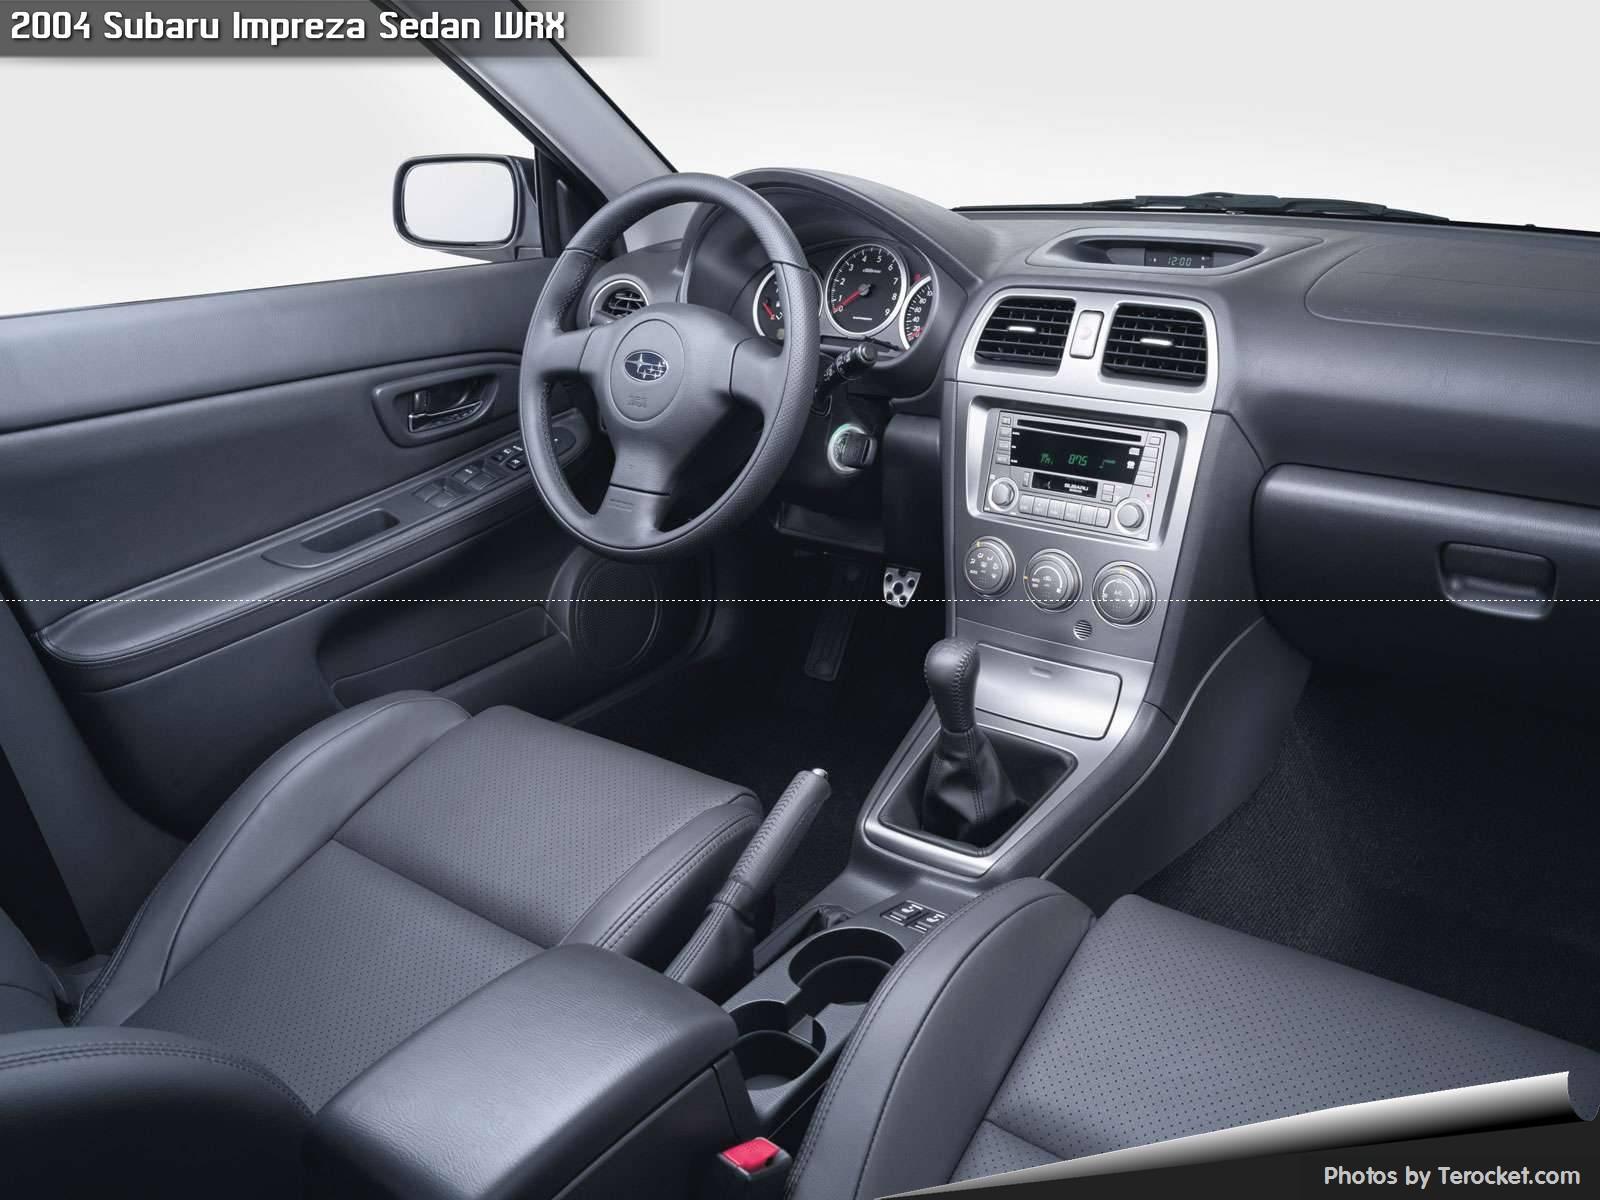 Hình ảnh xe ô tô Subaru Impreza Sedan WRX 2004 & nội ngoại thất